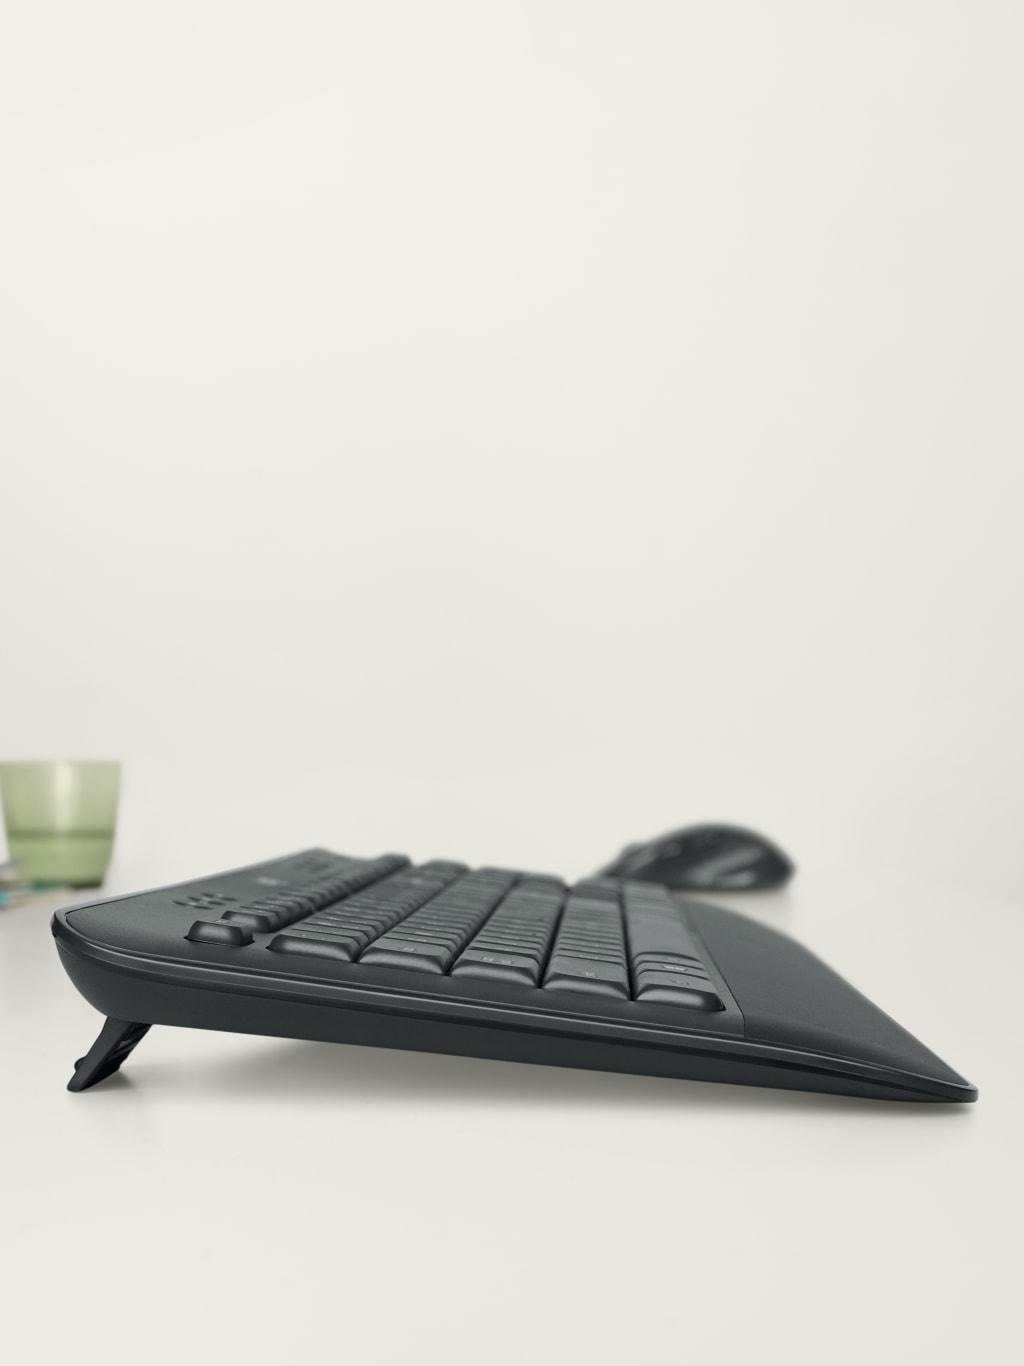 mk545-hero-tablet